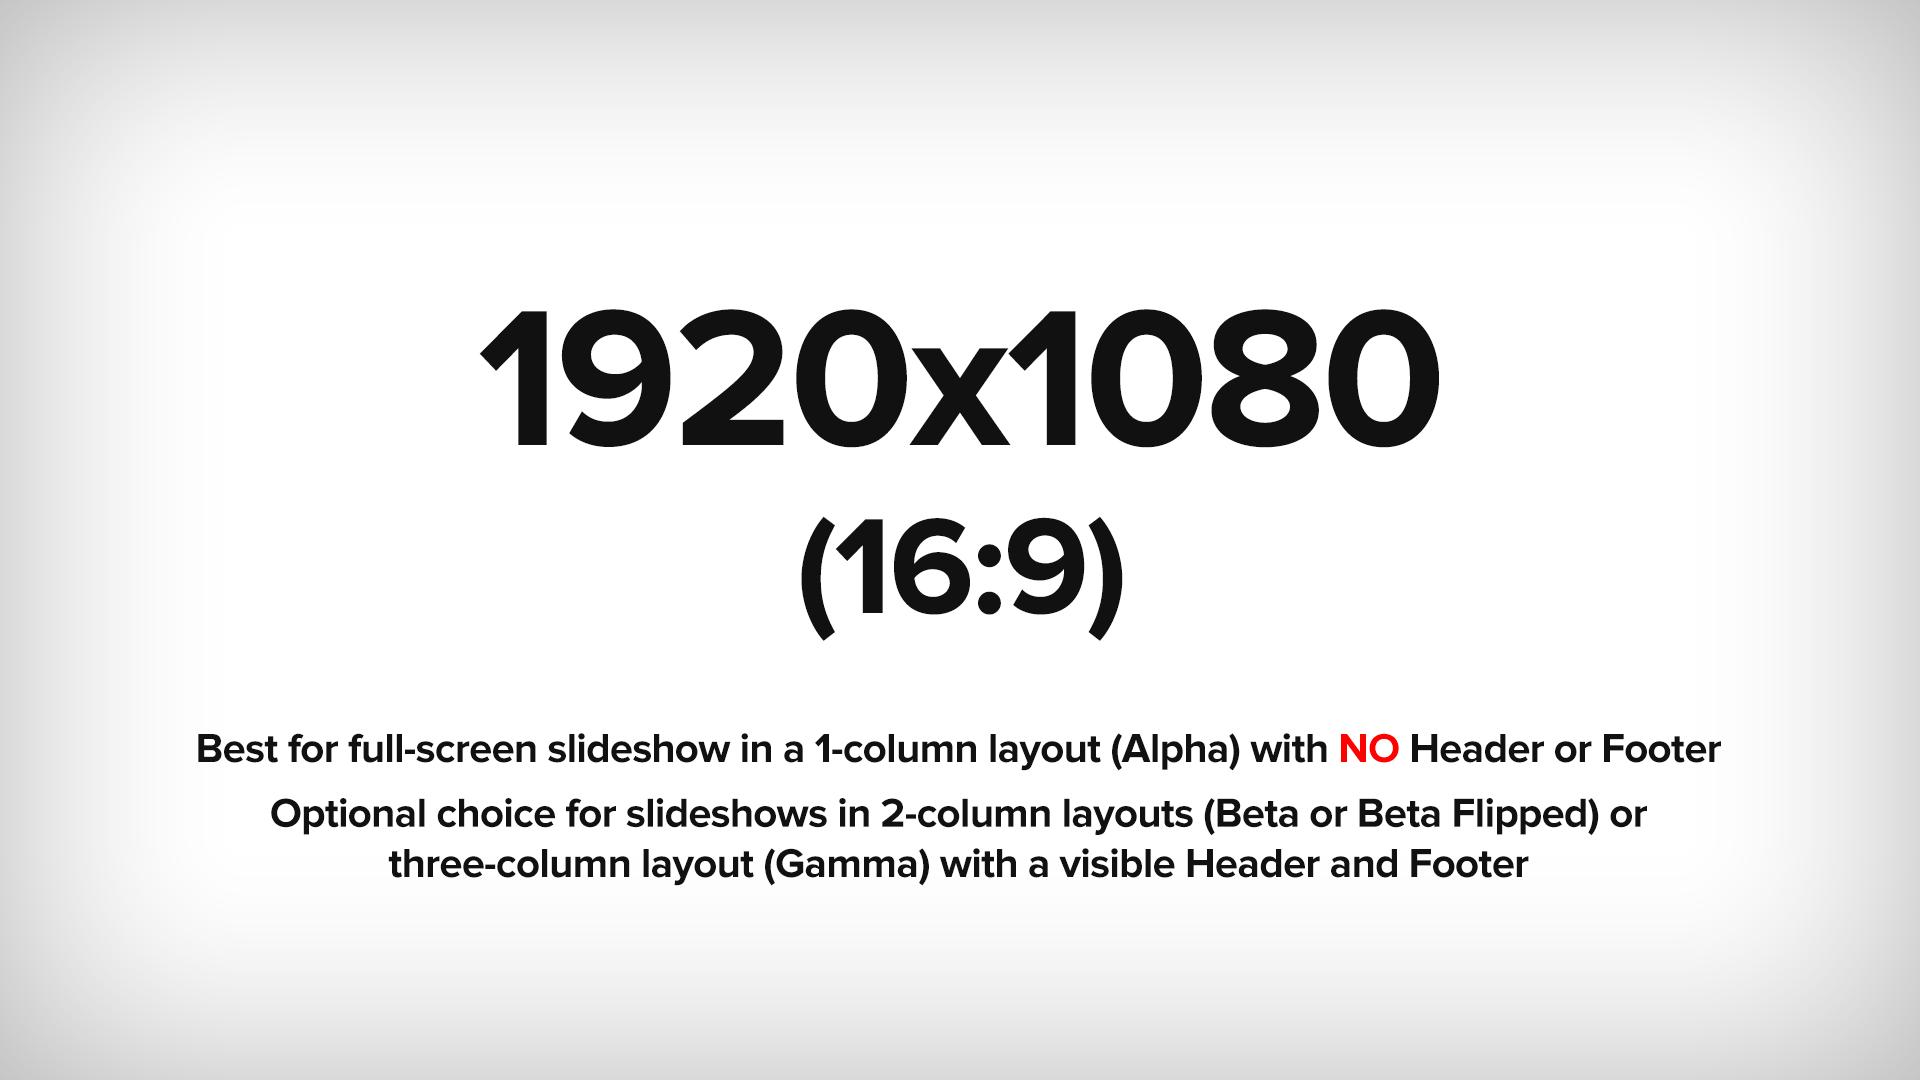 1920x1080 (16:9 ratio) Example image